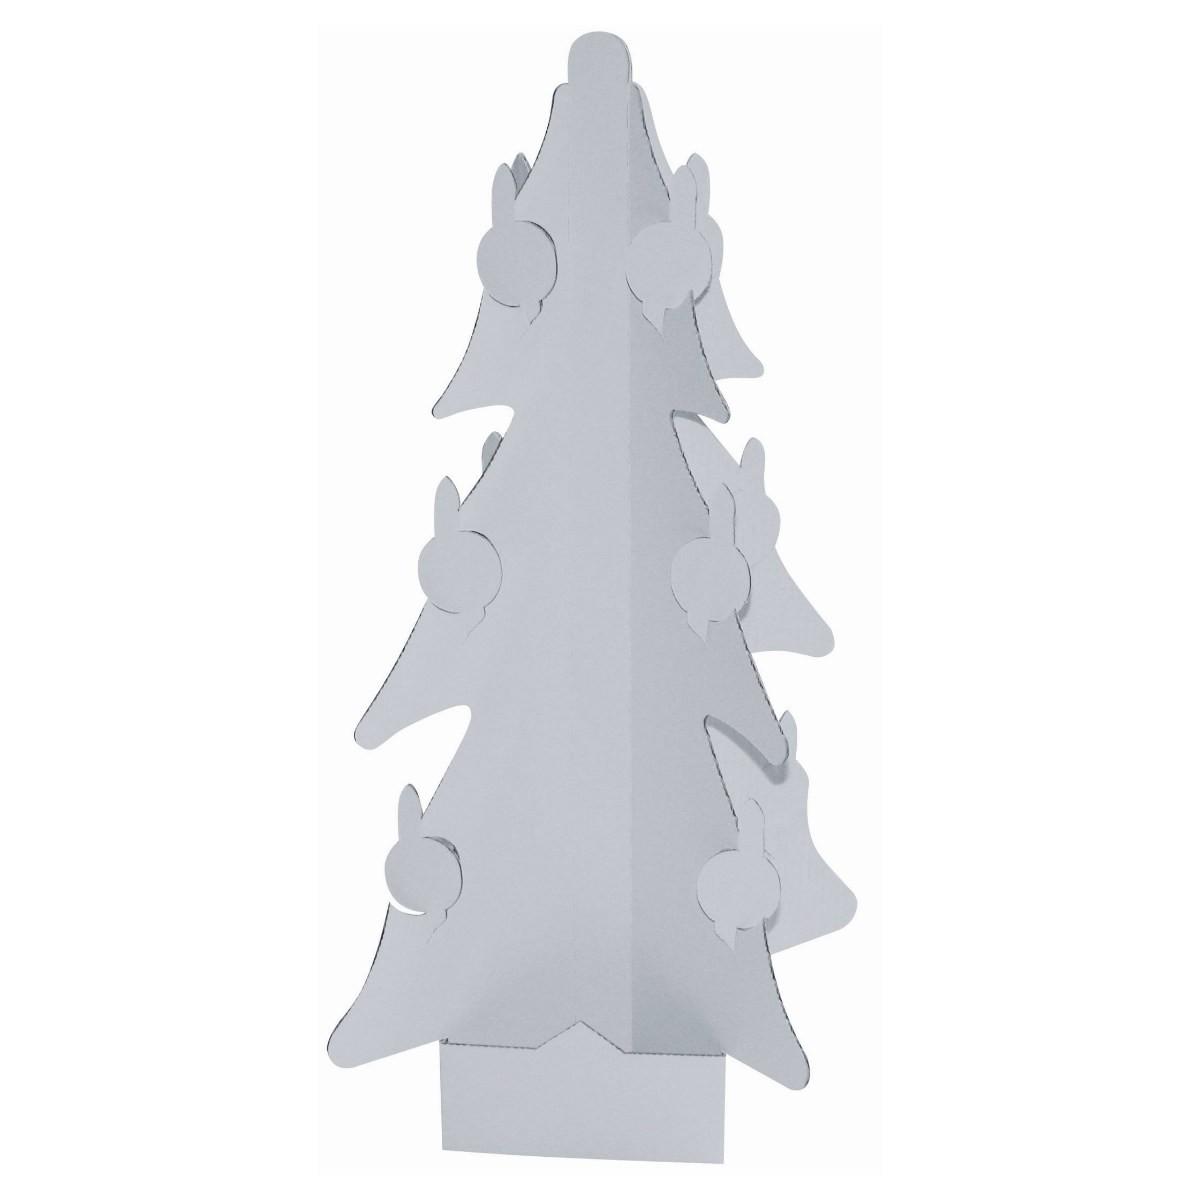 Weihnachtsbaum Christbaum aus Karton / Pappe blanko zum Bemalen, Höhe 37cm